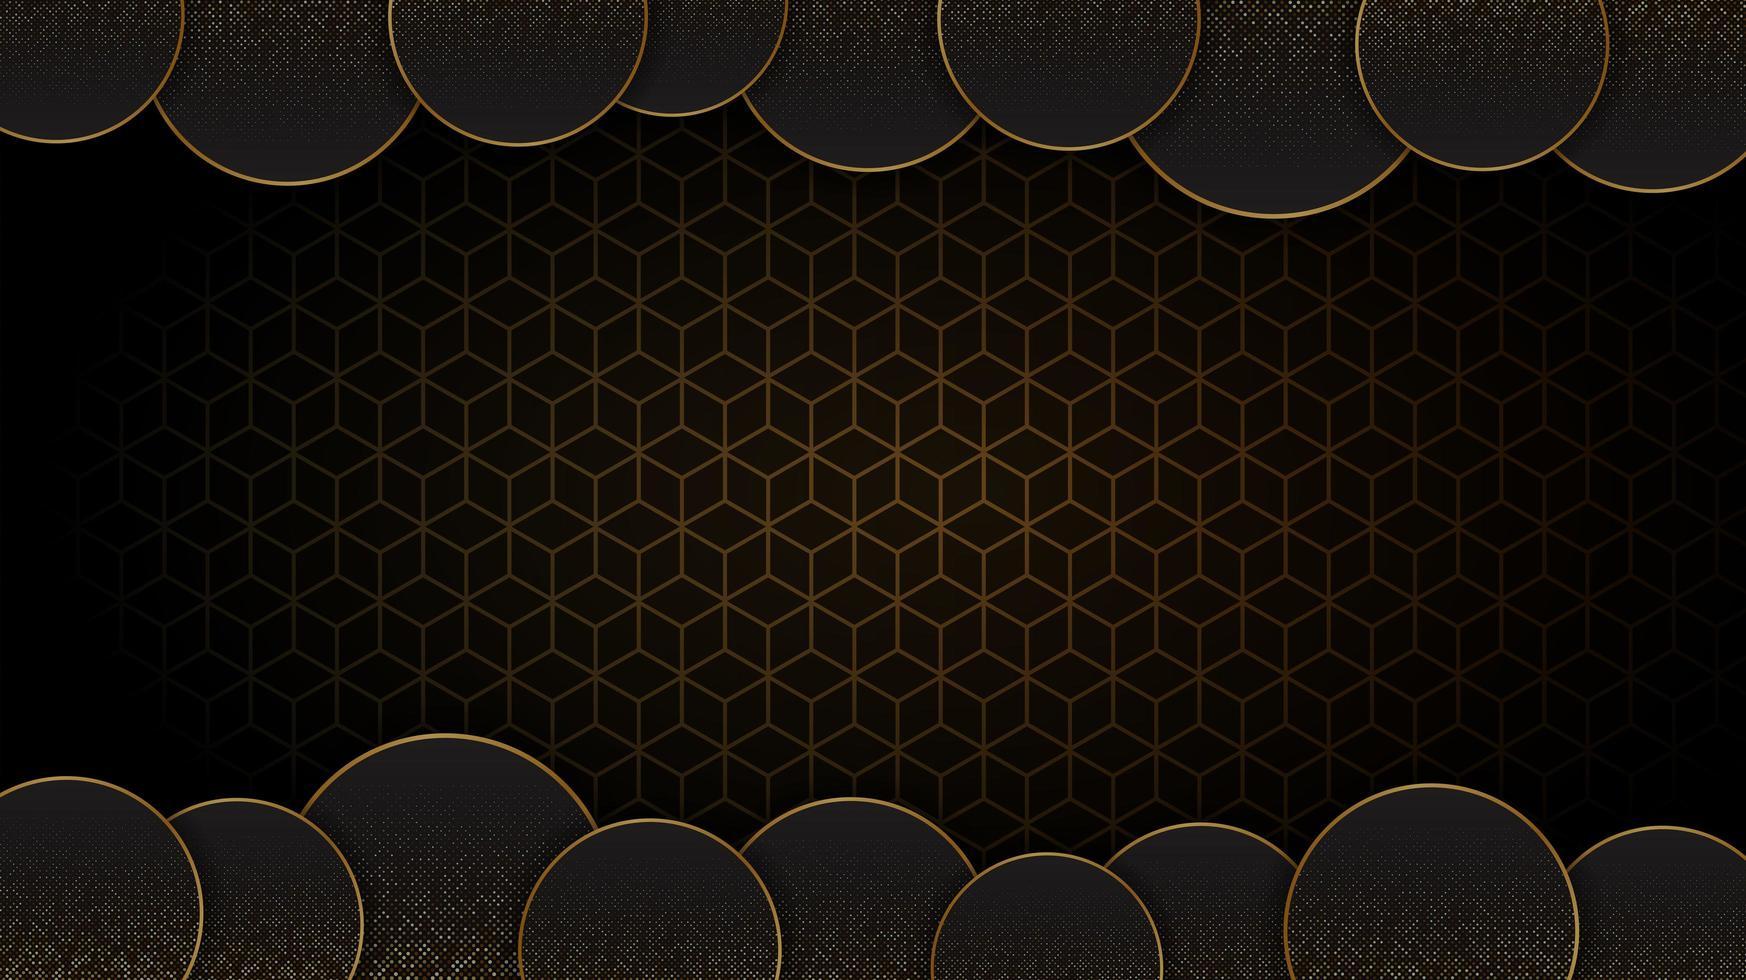 sfondo astratto circolare nero e oro vettore